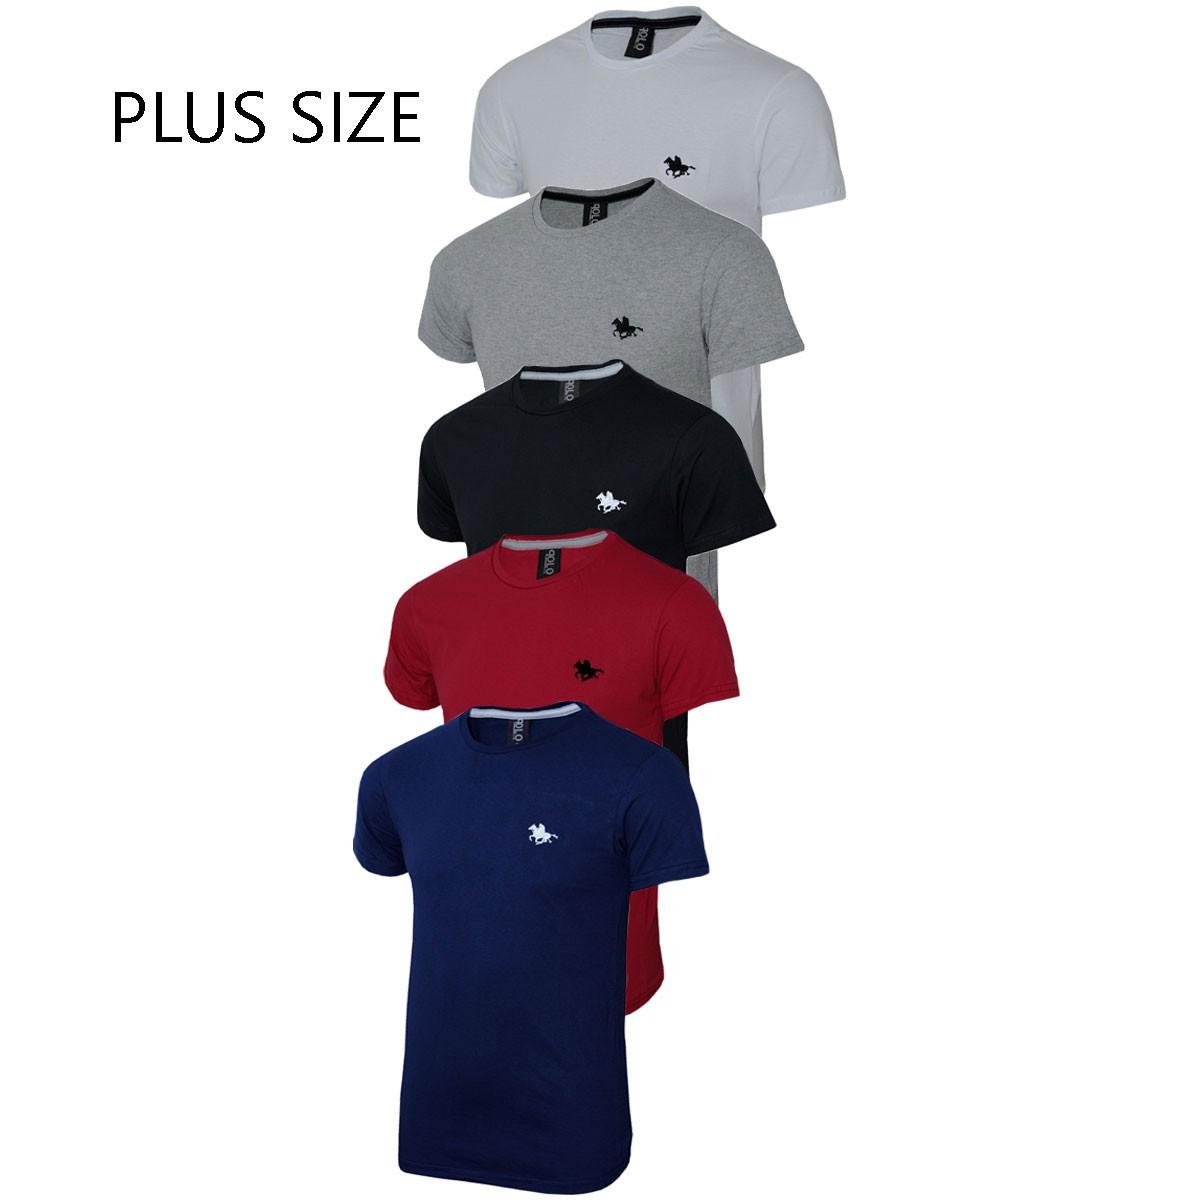 Camiseta Masculina Plus Size com 05 Cores Polo RG518